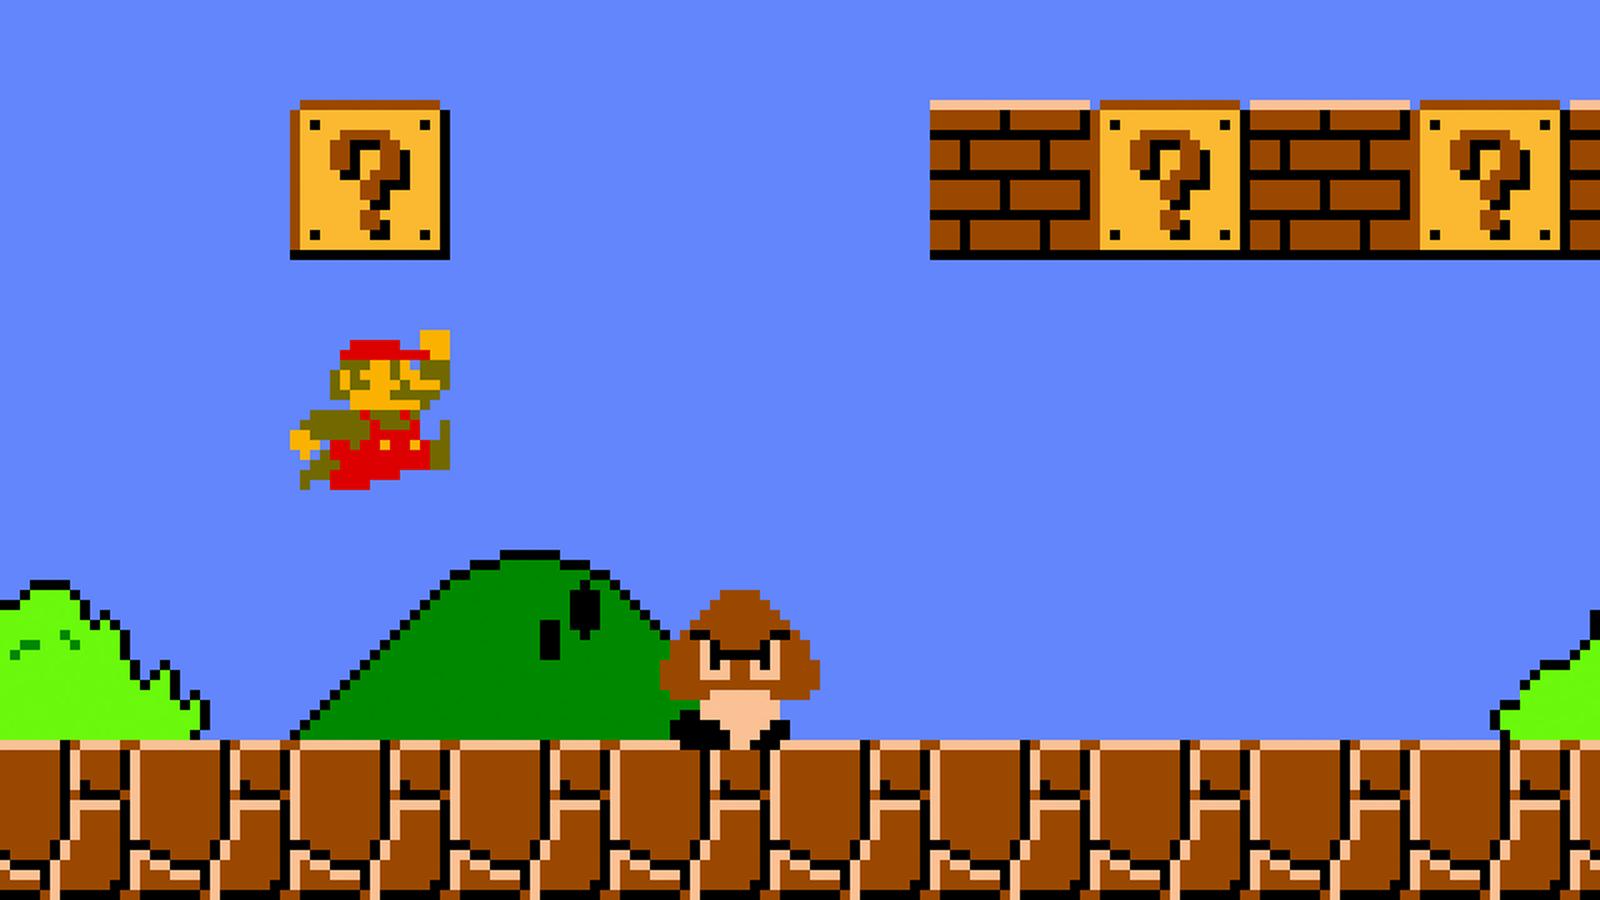 #видео | Разработчик HoloLens воссоздал игру Super Mario Bros. в дополненной реальности